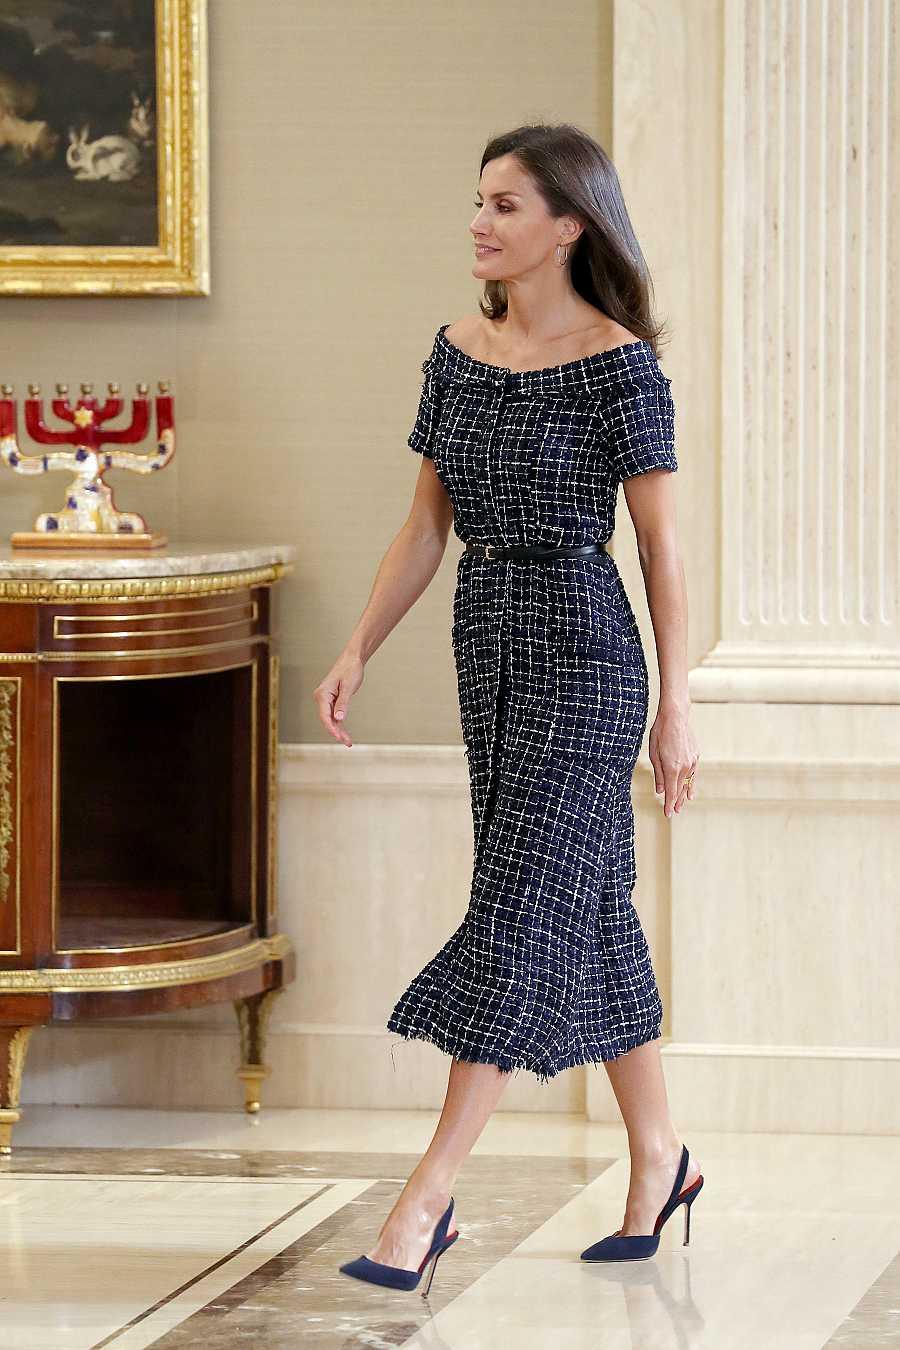 Letizia Ortiz con un vestido de veinte euros de Zara en el Palacio de la Zarzuela